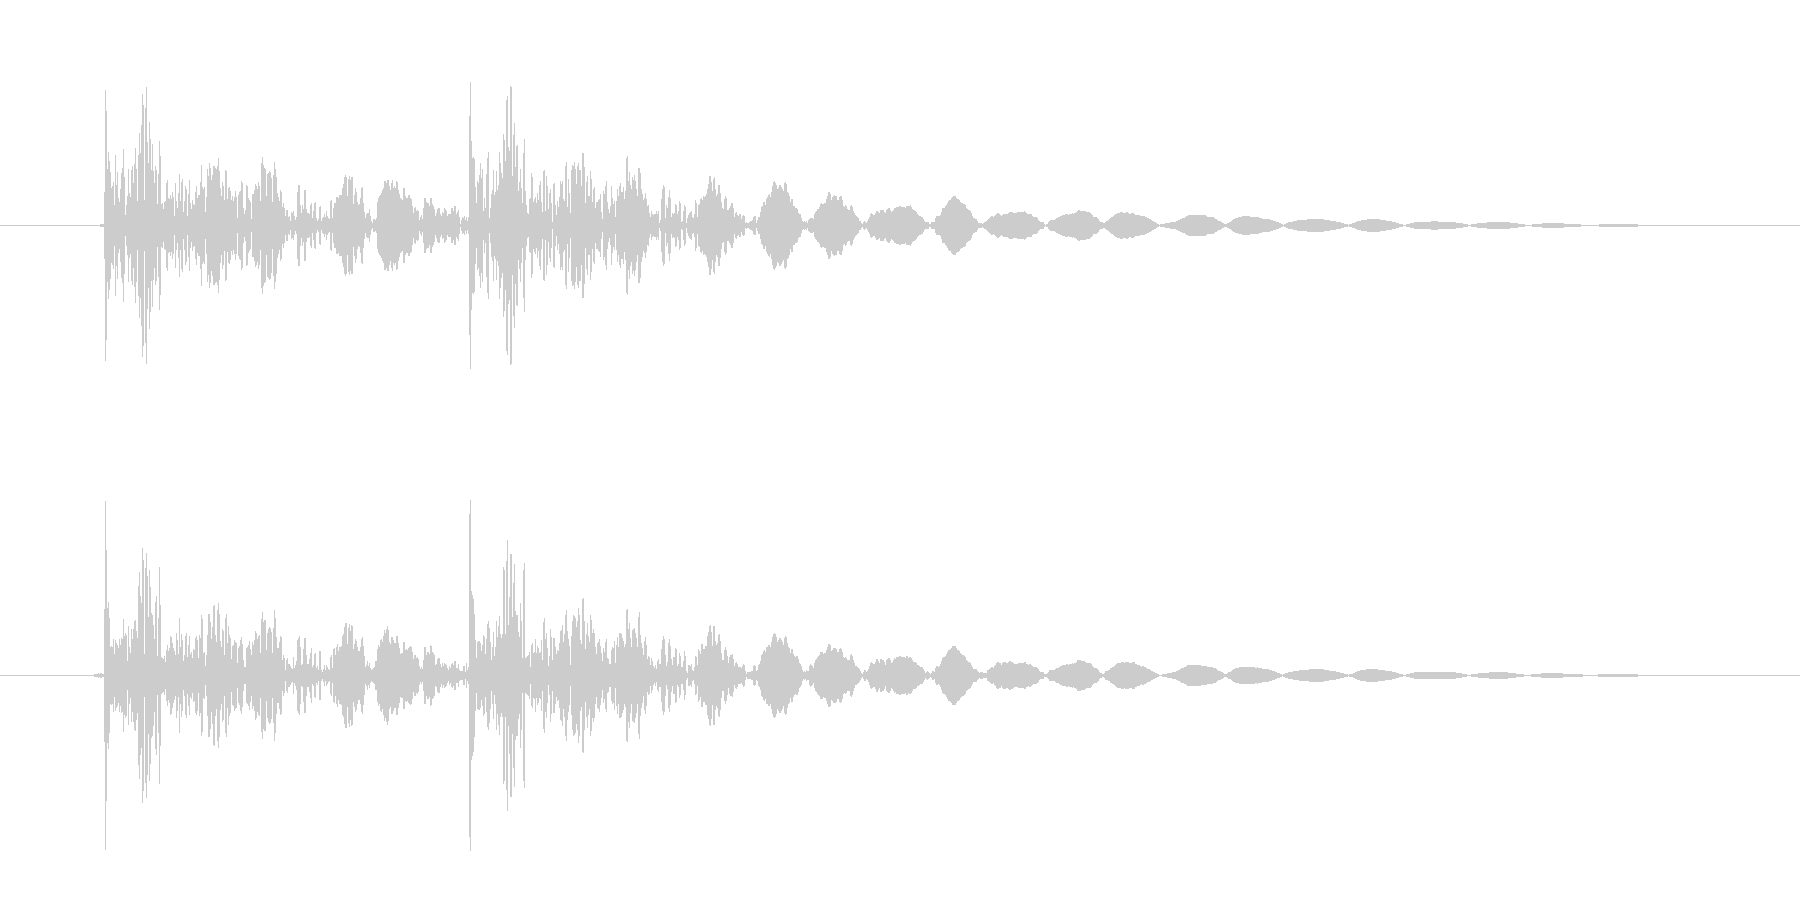 恐怖シリーズ2.ノックオン(鉄製2回)の未再生の波形